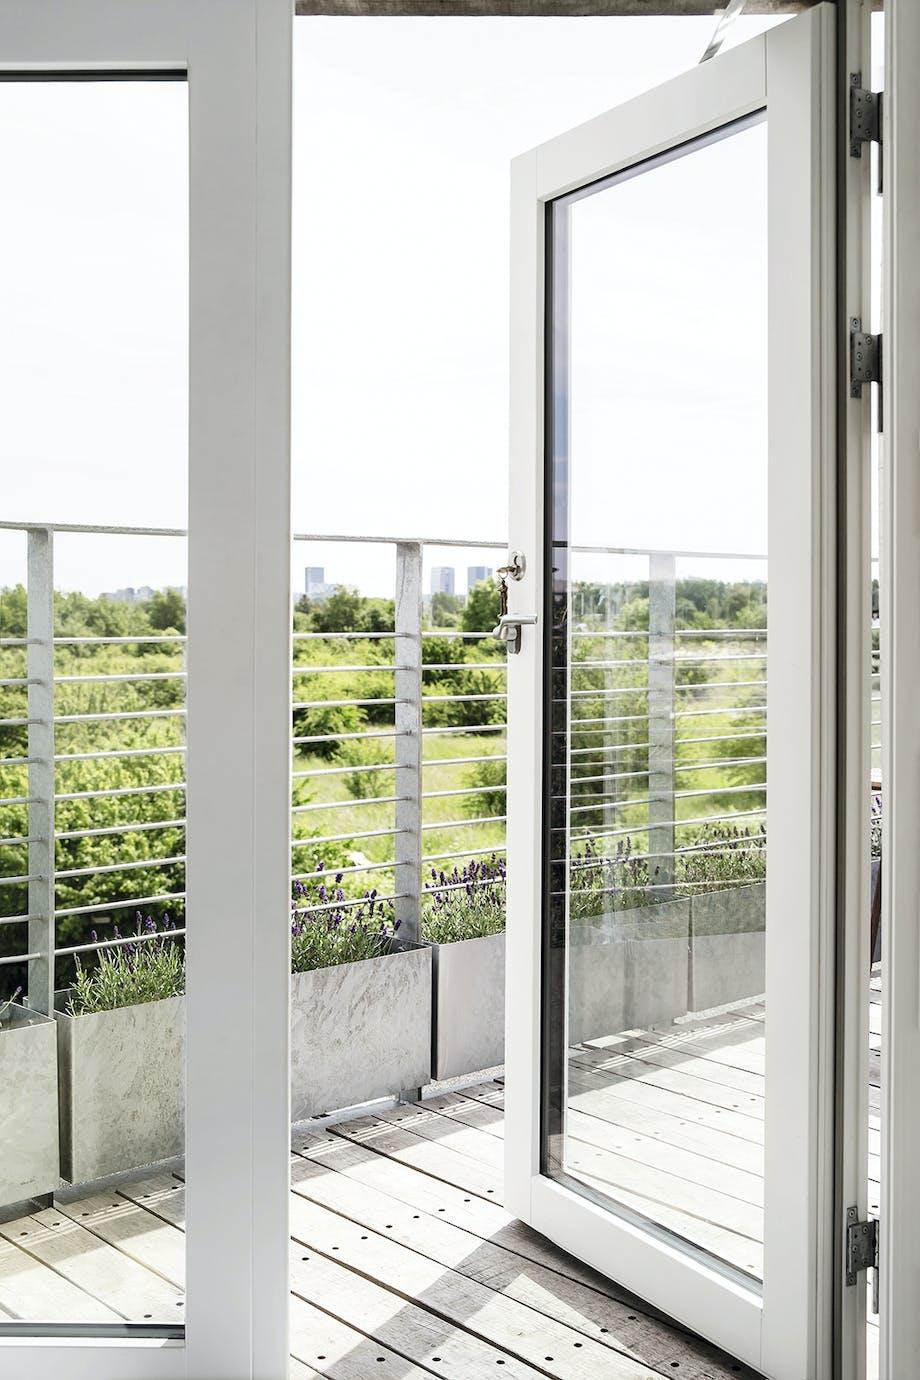 Udsigt vinduer grønt